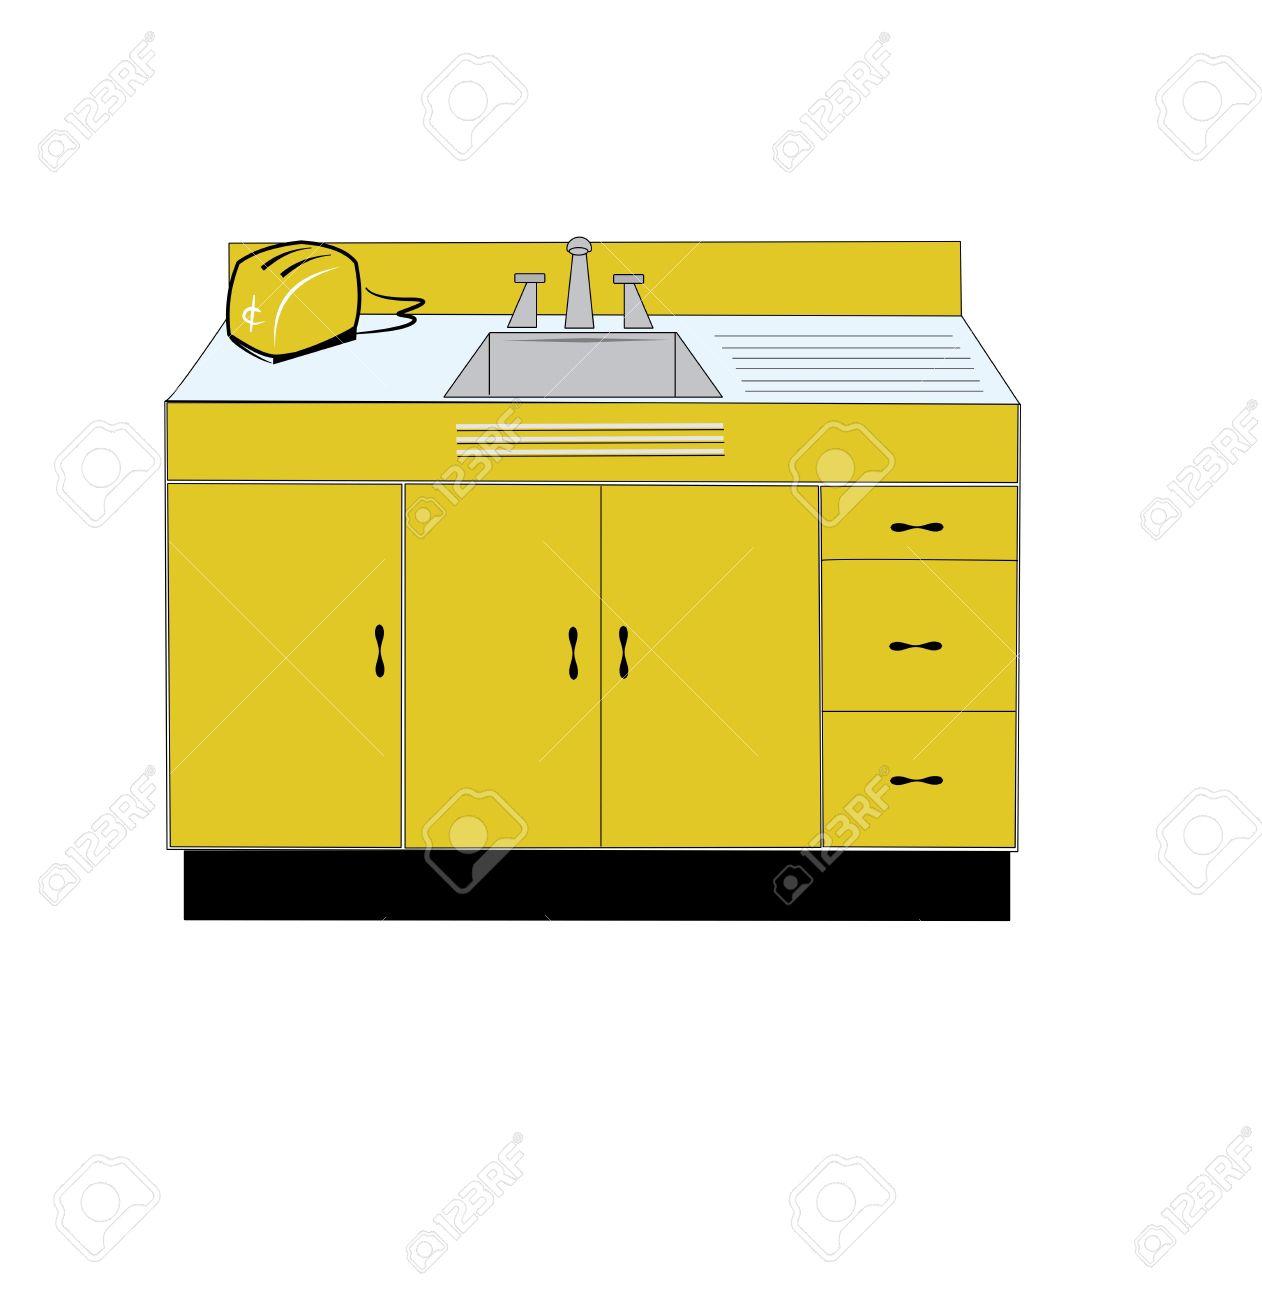 Sink free download best. Kitchen clipart kitchen counter